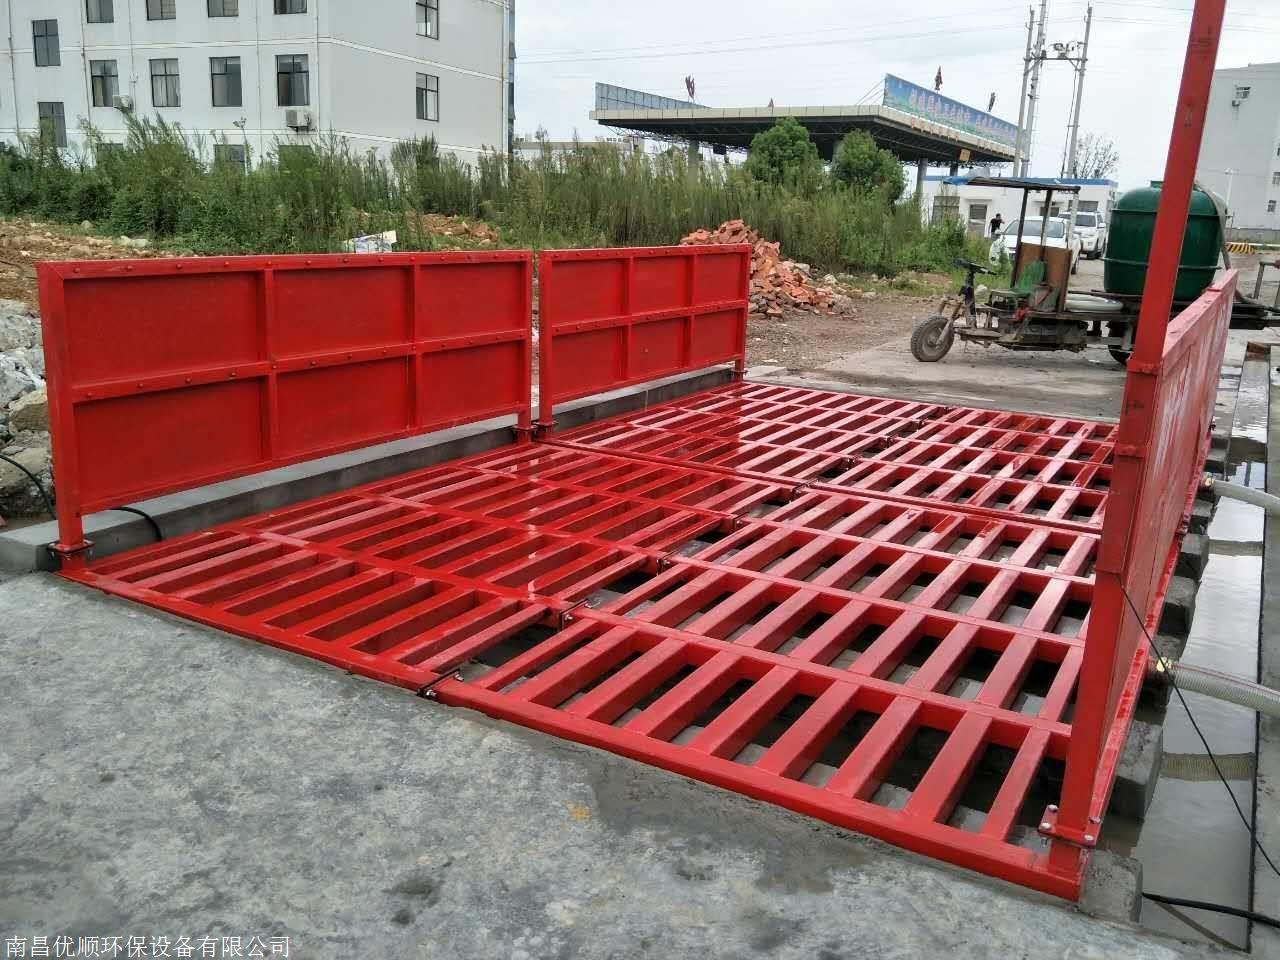 广东广州工程洗车机价格,工程洗车槽